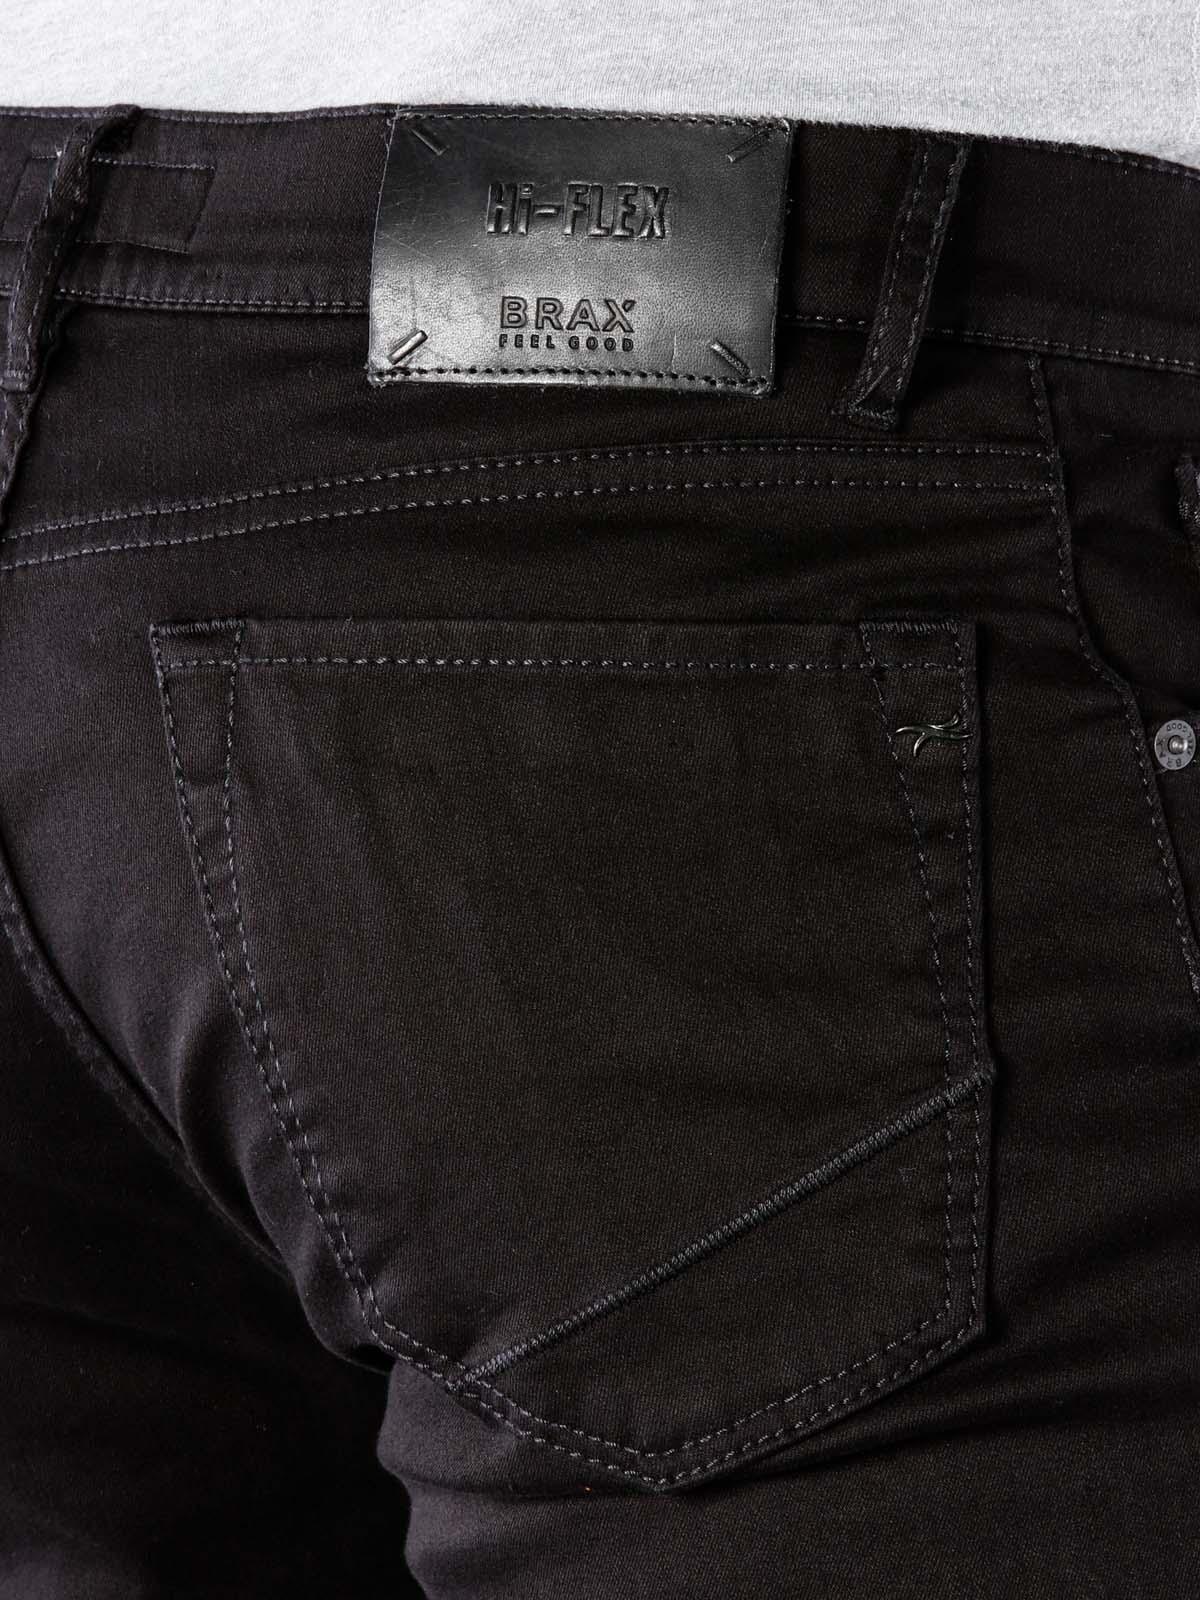 Outlet zu verkaufen viele möglichkeiten Kaufen Sie Authentic Brax Chuck Jeans Slim Fit perma black W30/L32